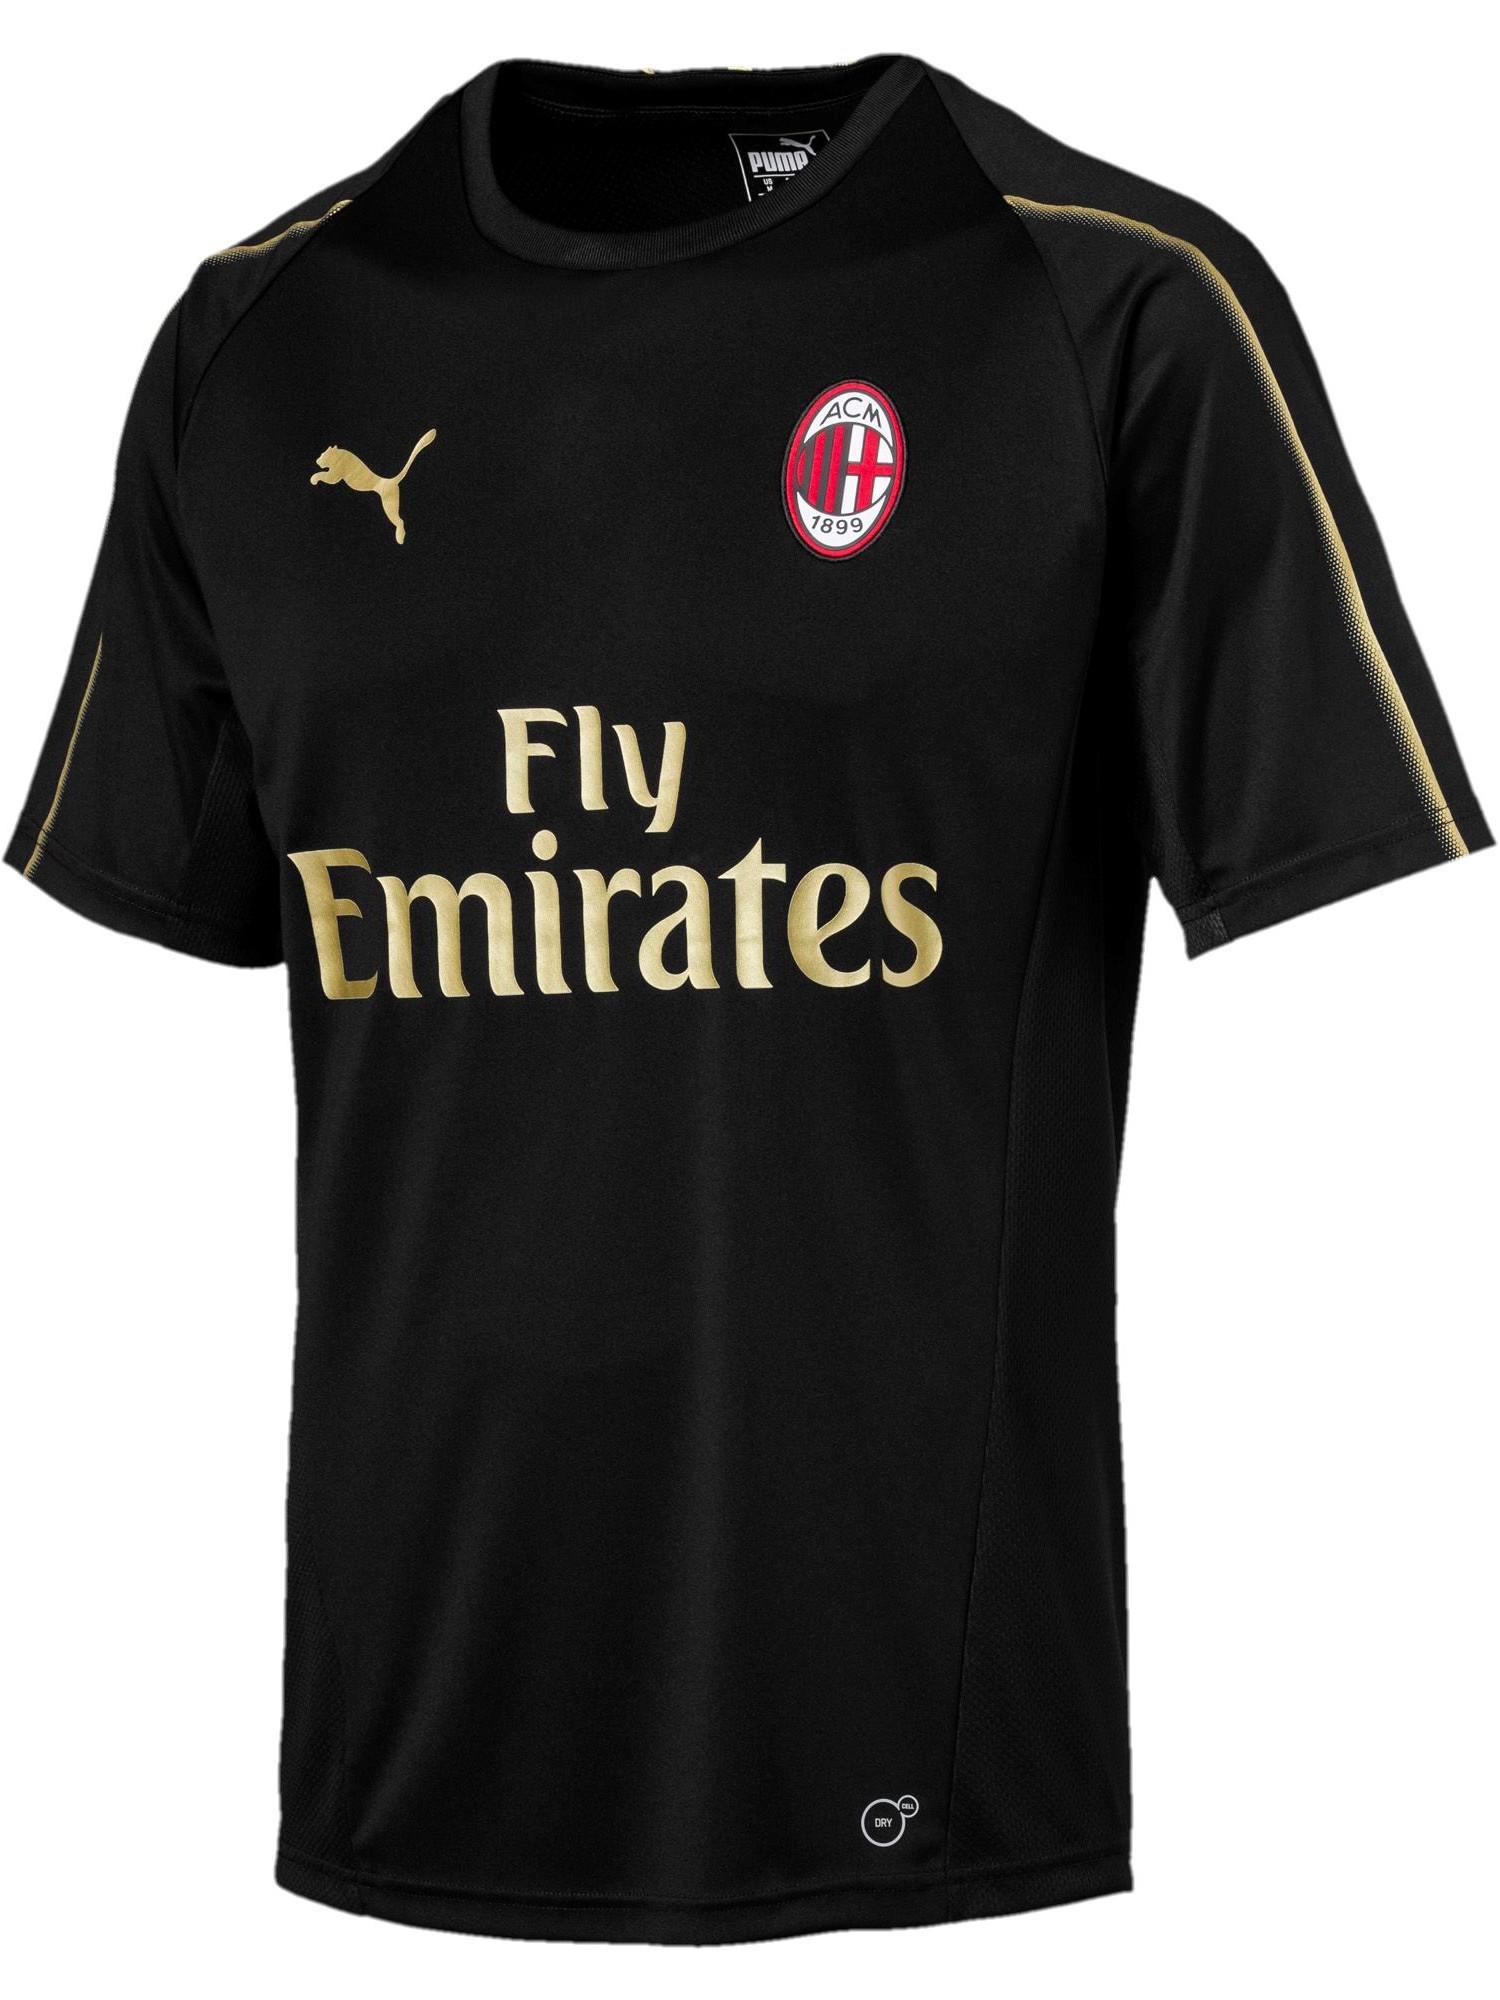 Allenamento AC Milan prezzo